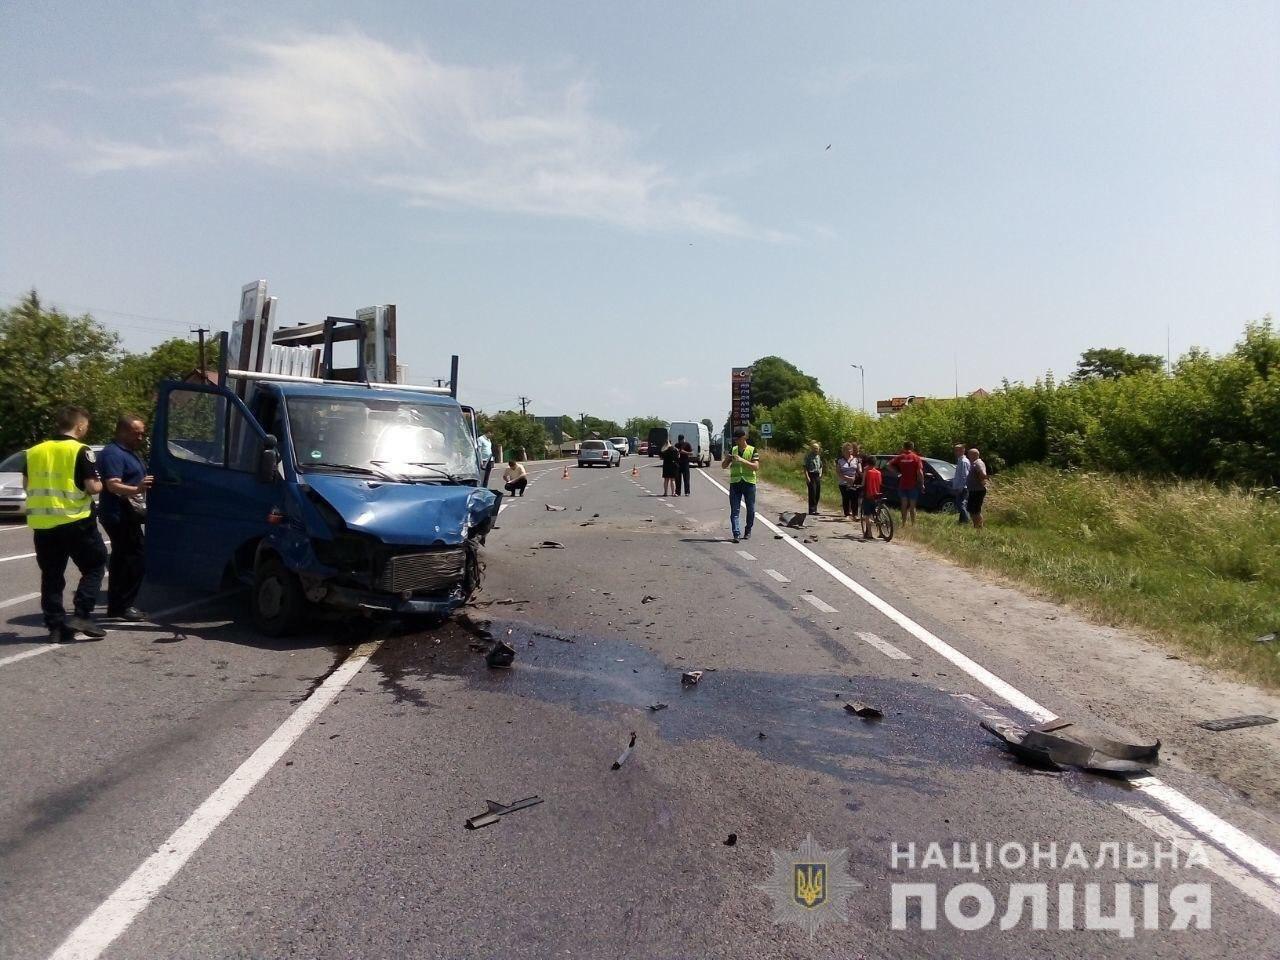 6 резонансних ДТП, які сталися у Львові та неподалік нього, за підсумками червня, фото-1